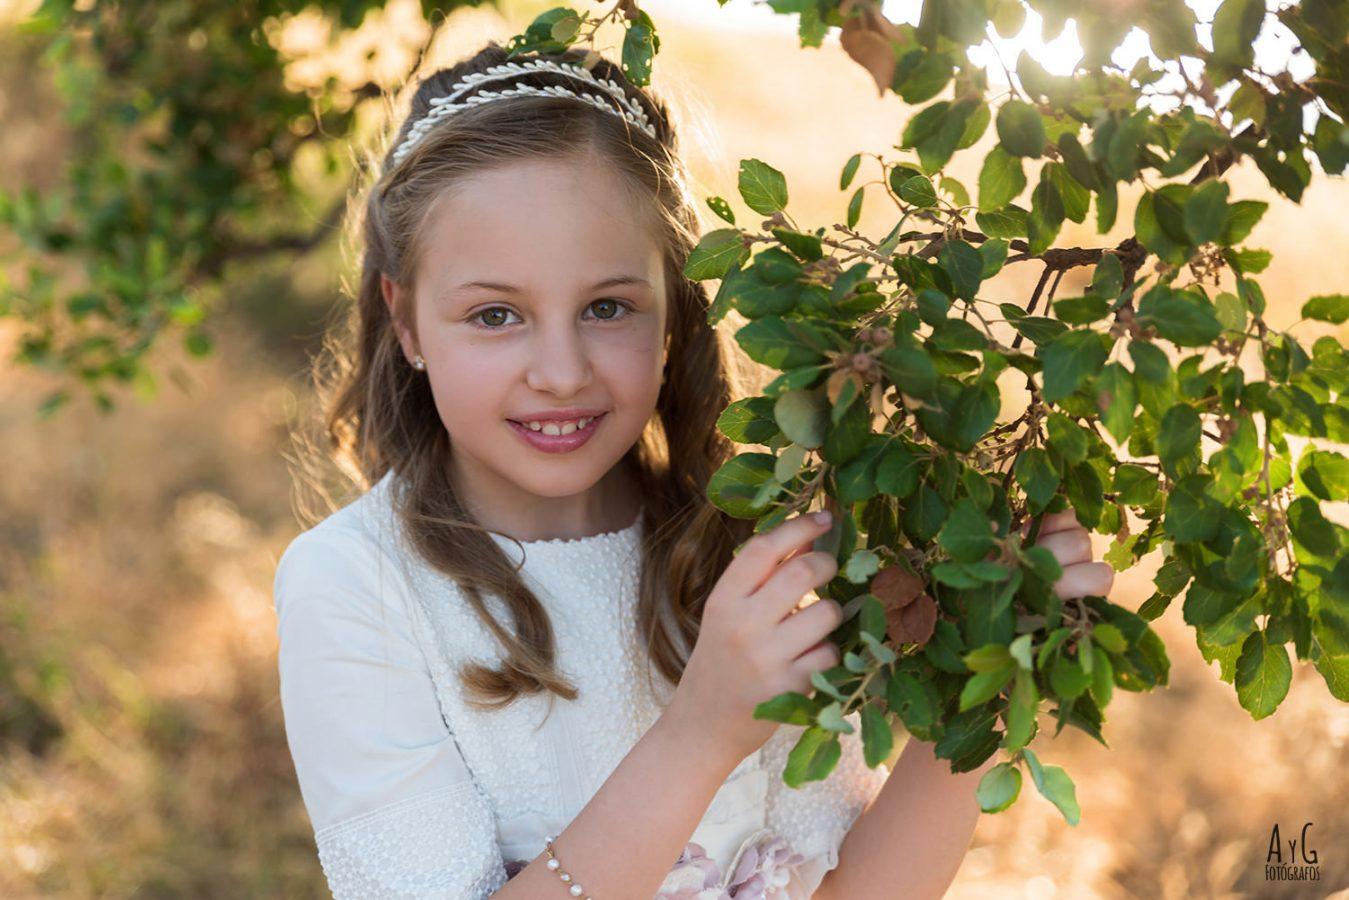 Fotografia de comunion en exteriores - La Carlota - Cordoba  - niña de comunion - aygfotografos